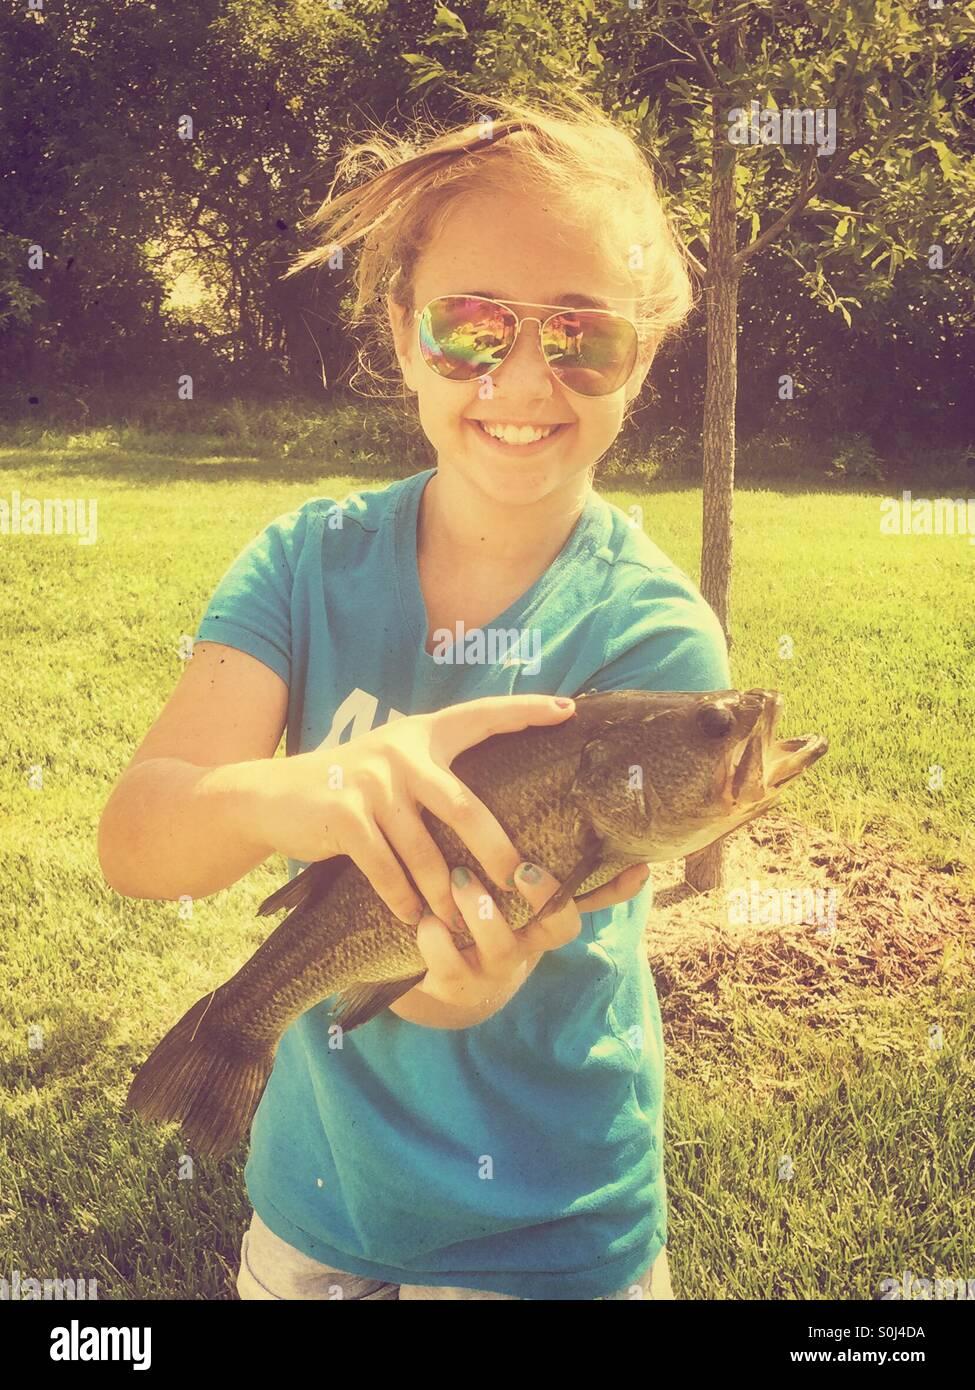 Joven Chica sujetando una Perca ella capturados durante la pesca Imagen De Stock